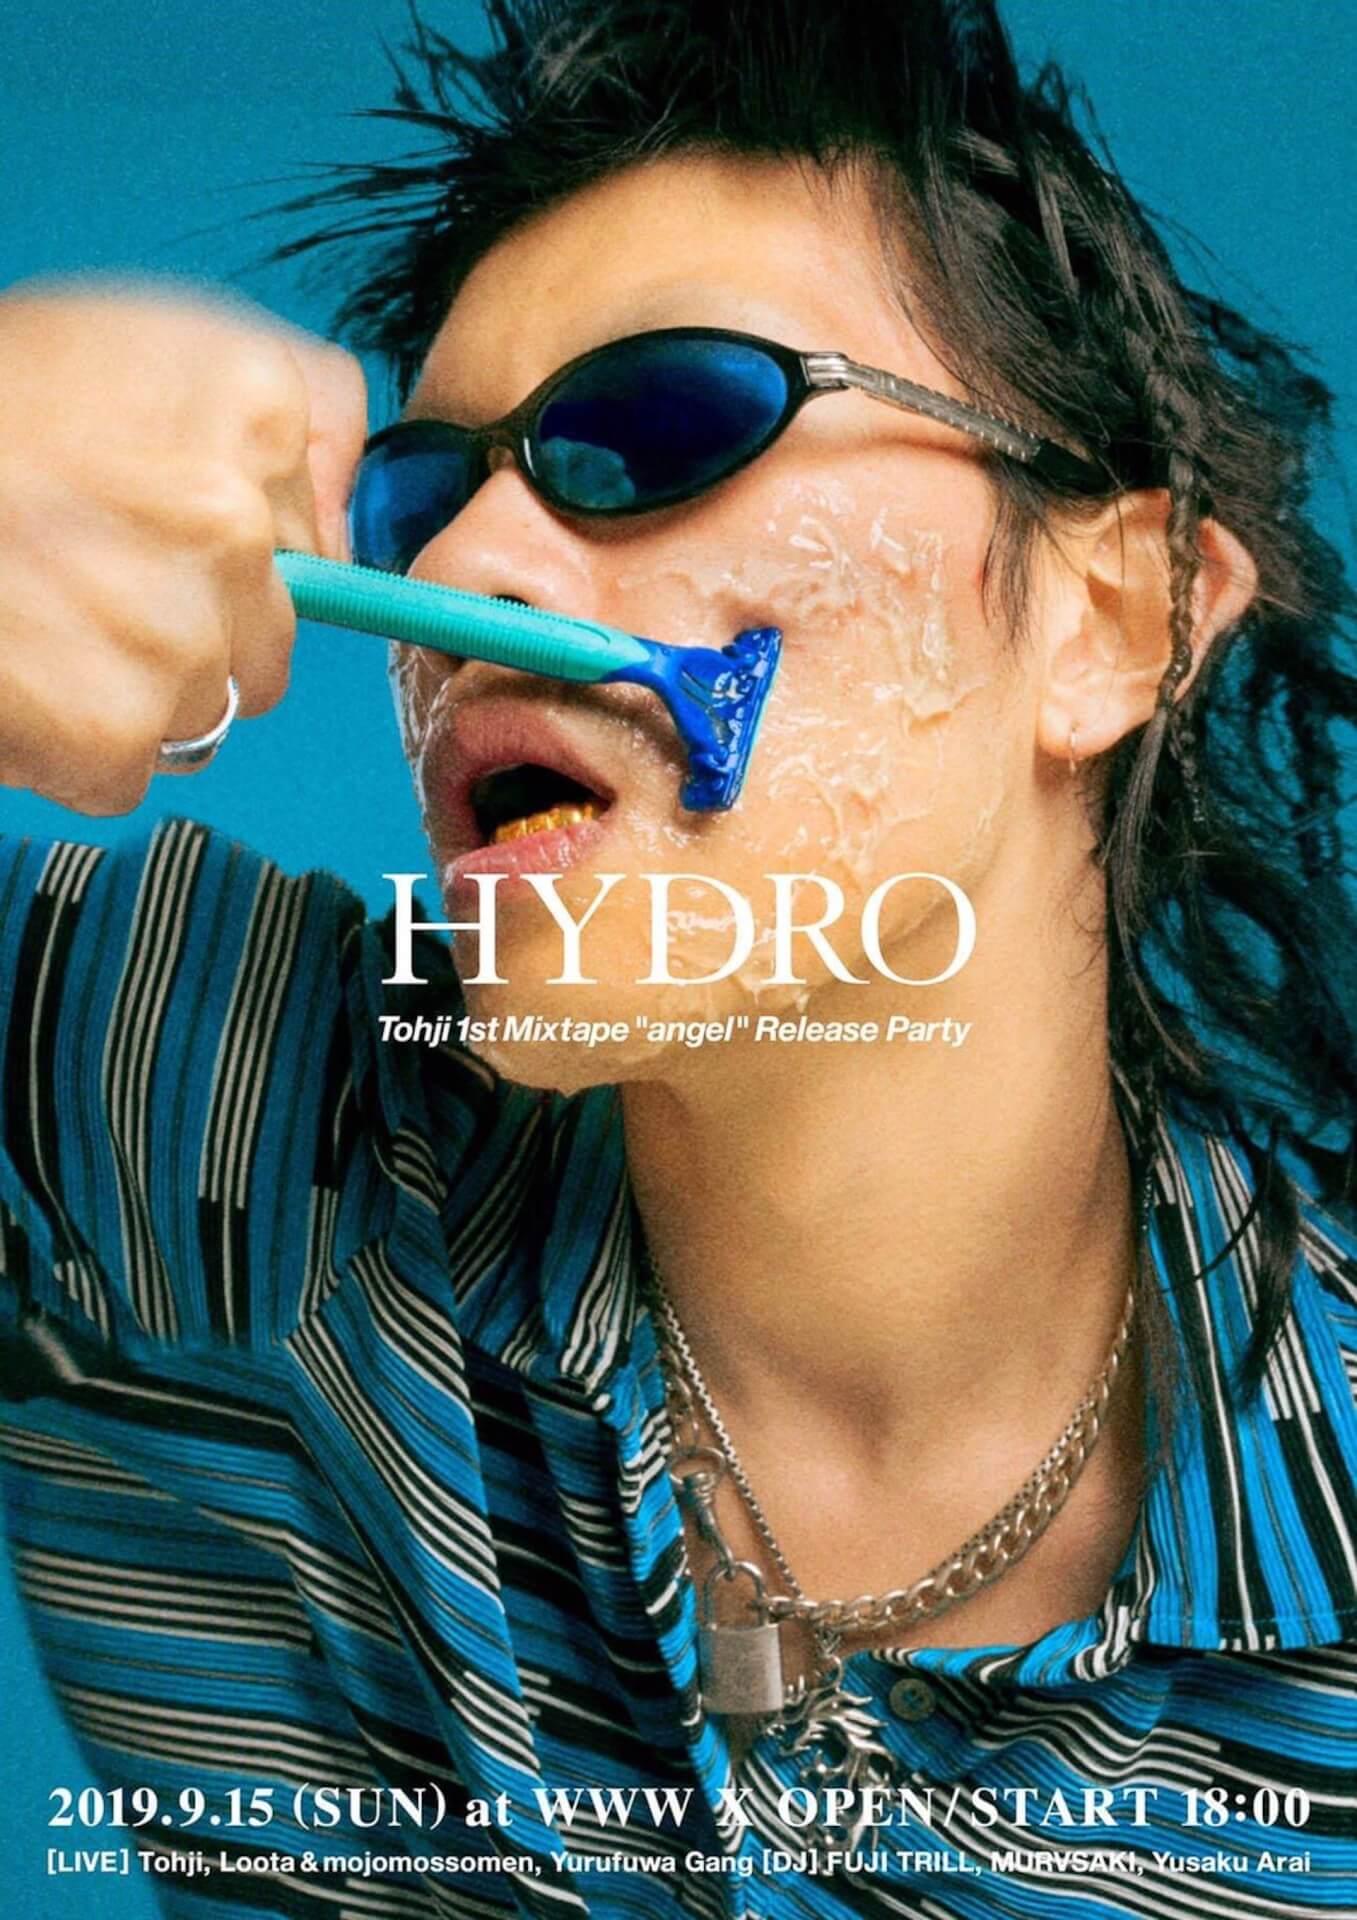 Tohjiが半年ぶりの主催イベント<HYDRO>を9月開催|ゆるふわギャング、Loota & mojomossomen、荒井優作らが登場 music190823-tohji